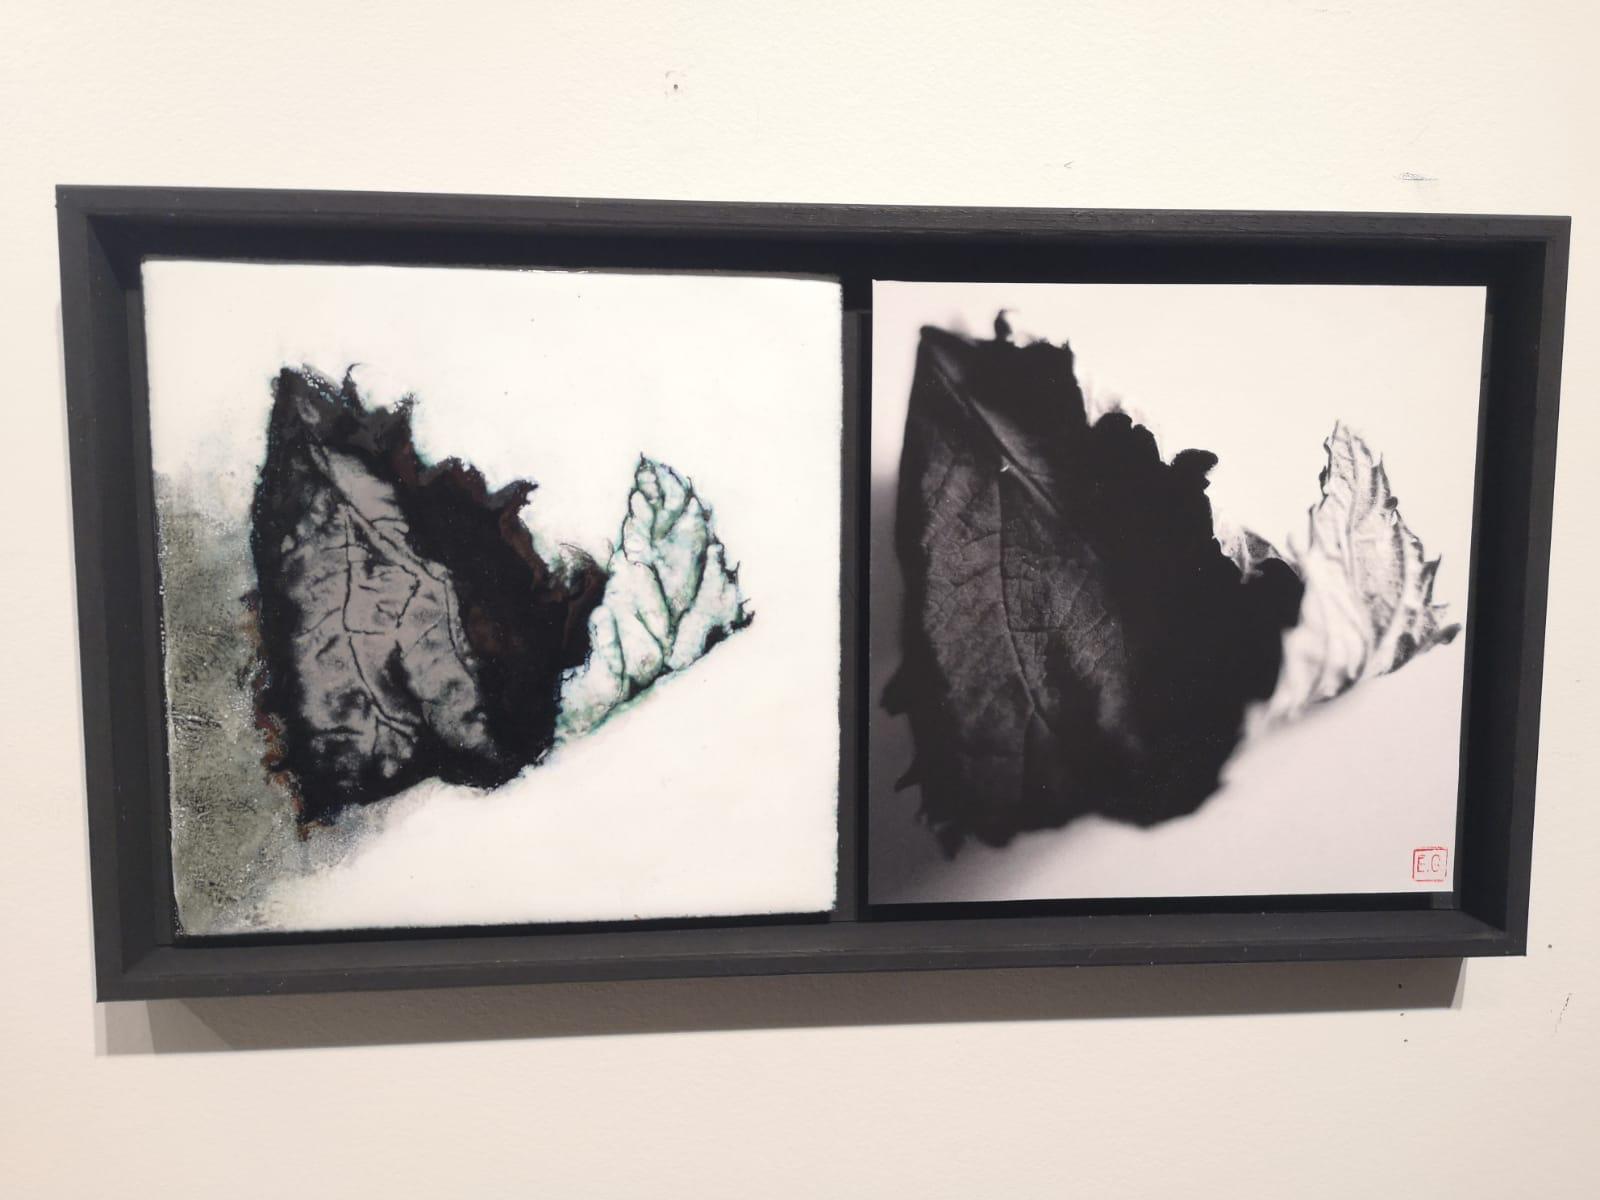 dialogue d'une feuille d'arbre posée en noir et blanc- version émaillée juxtaposée à côté de la photo dans un même cadre